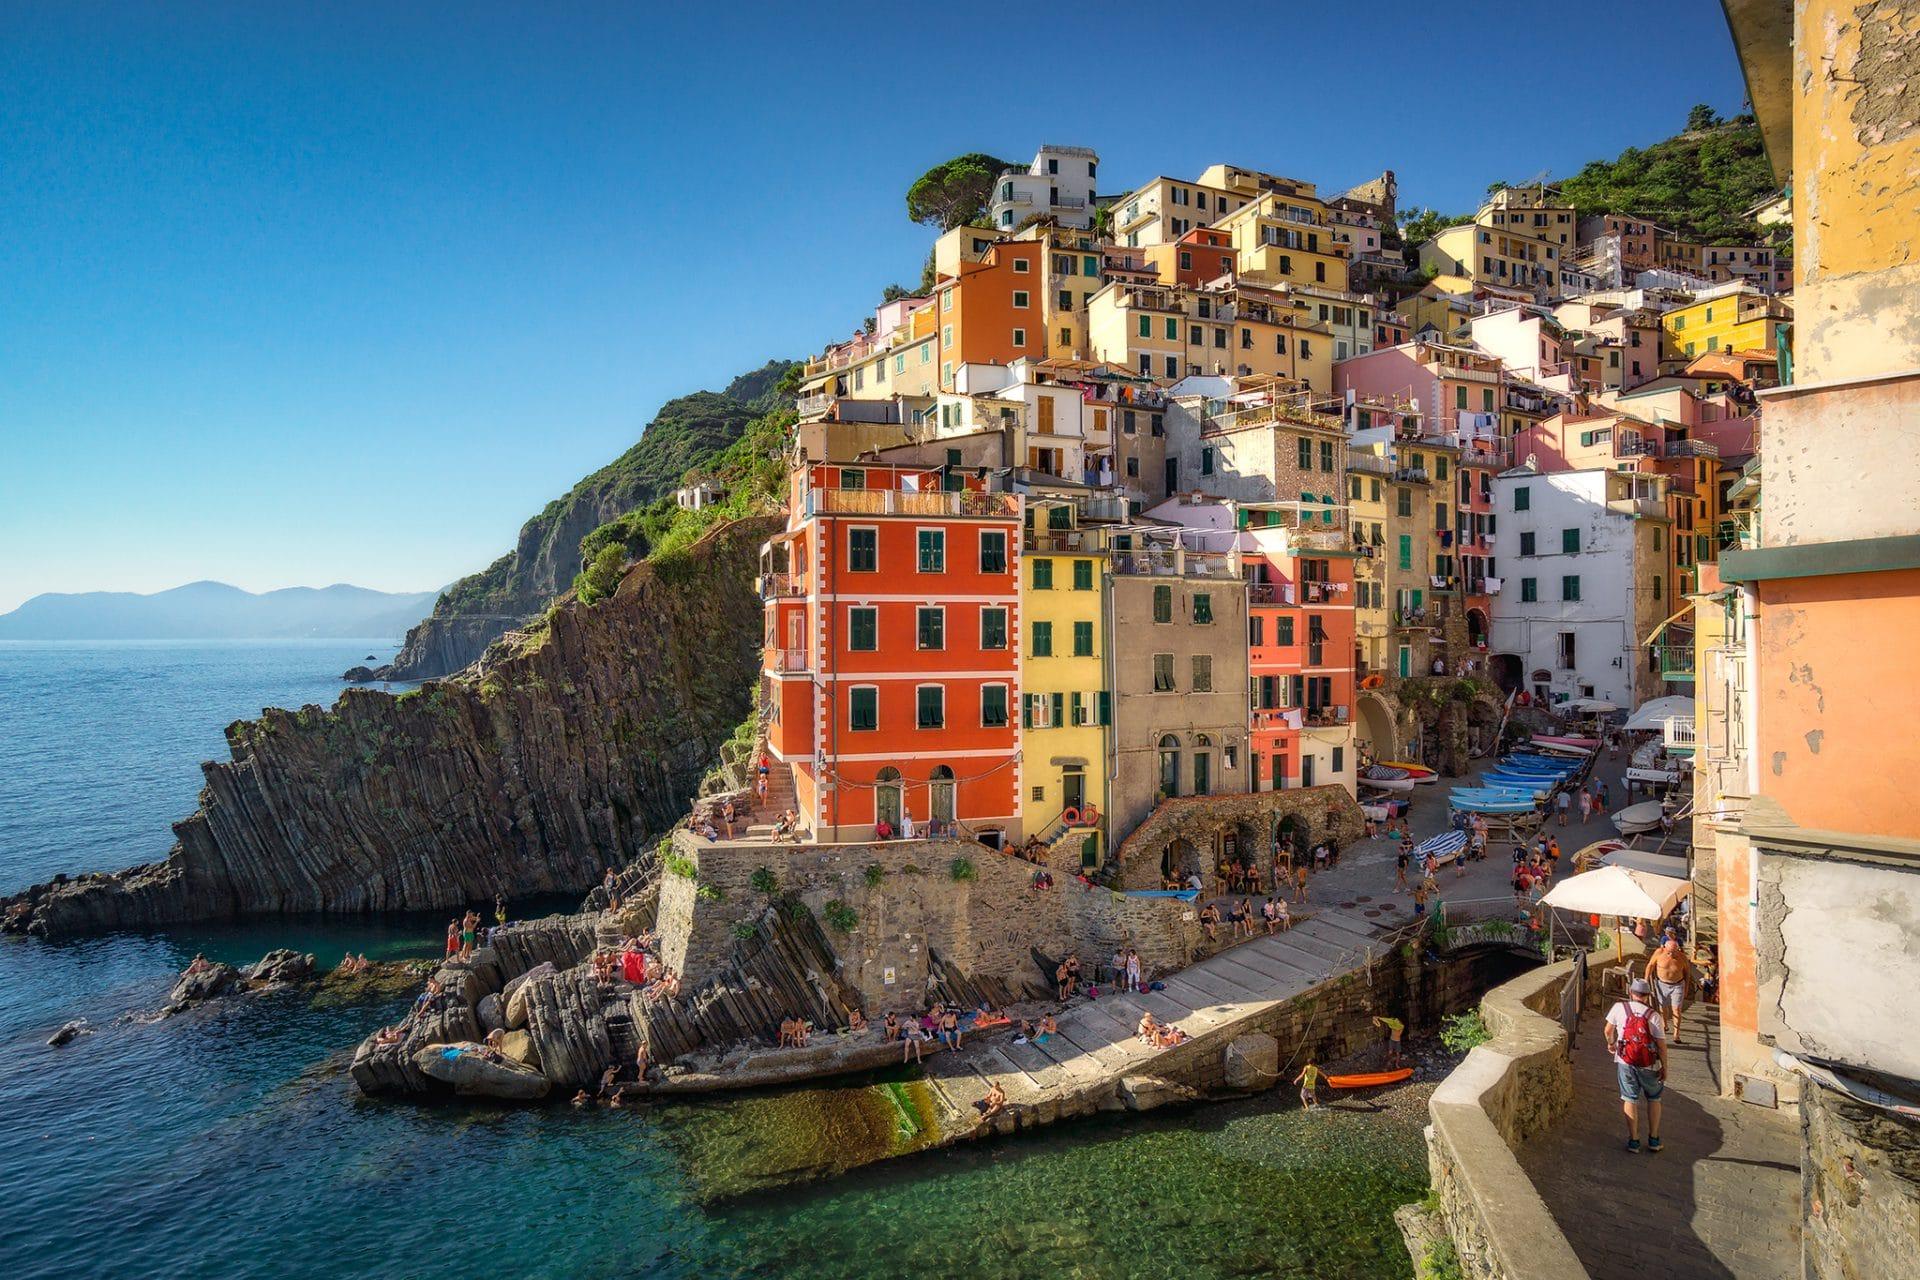 Ausblick auf die mehrstöckigen Häuser von Riomaggiore.